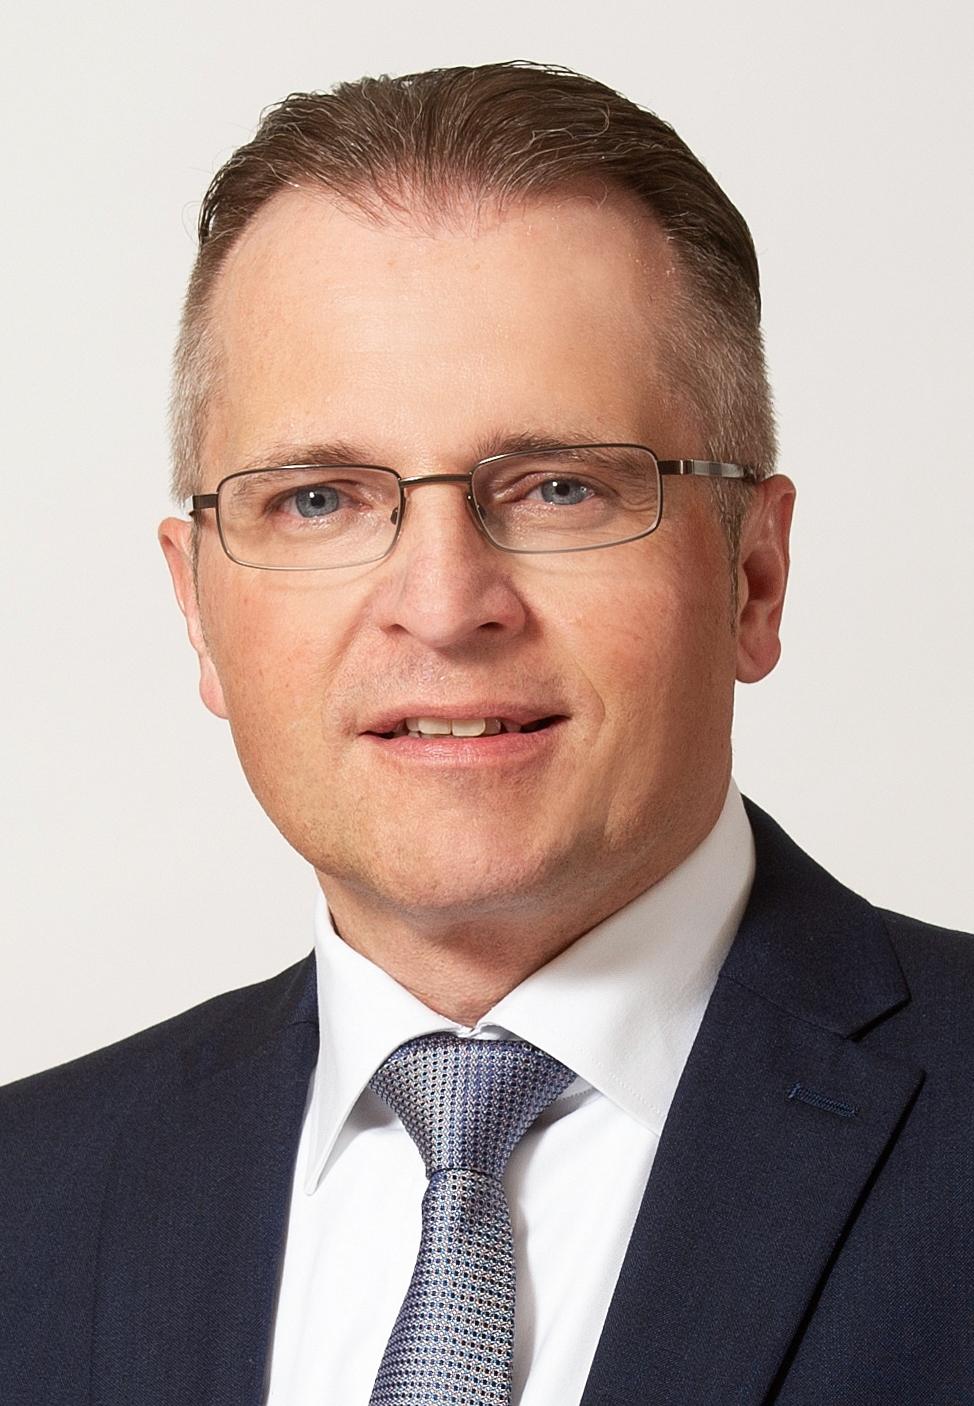 Stefan Koller